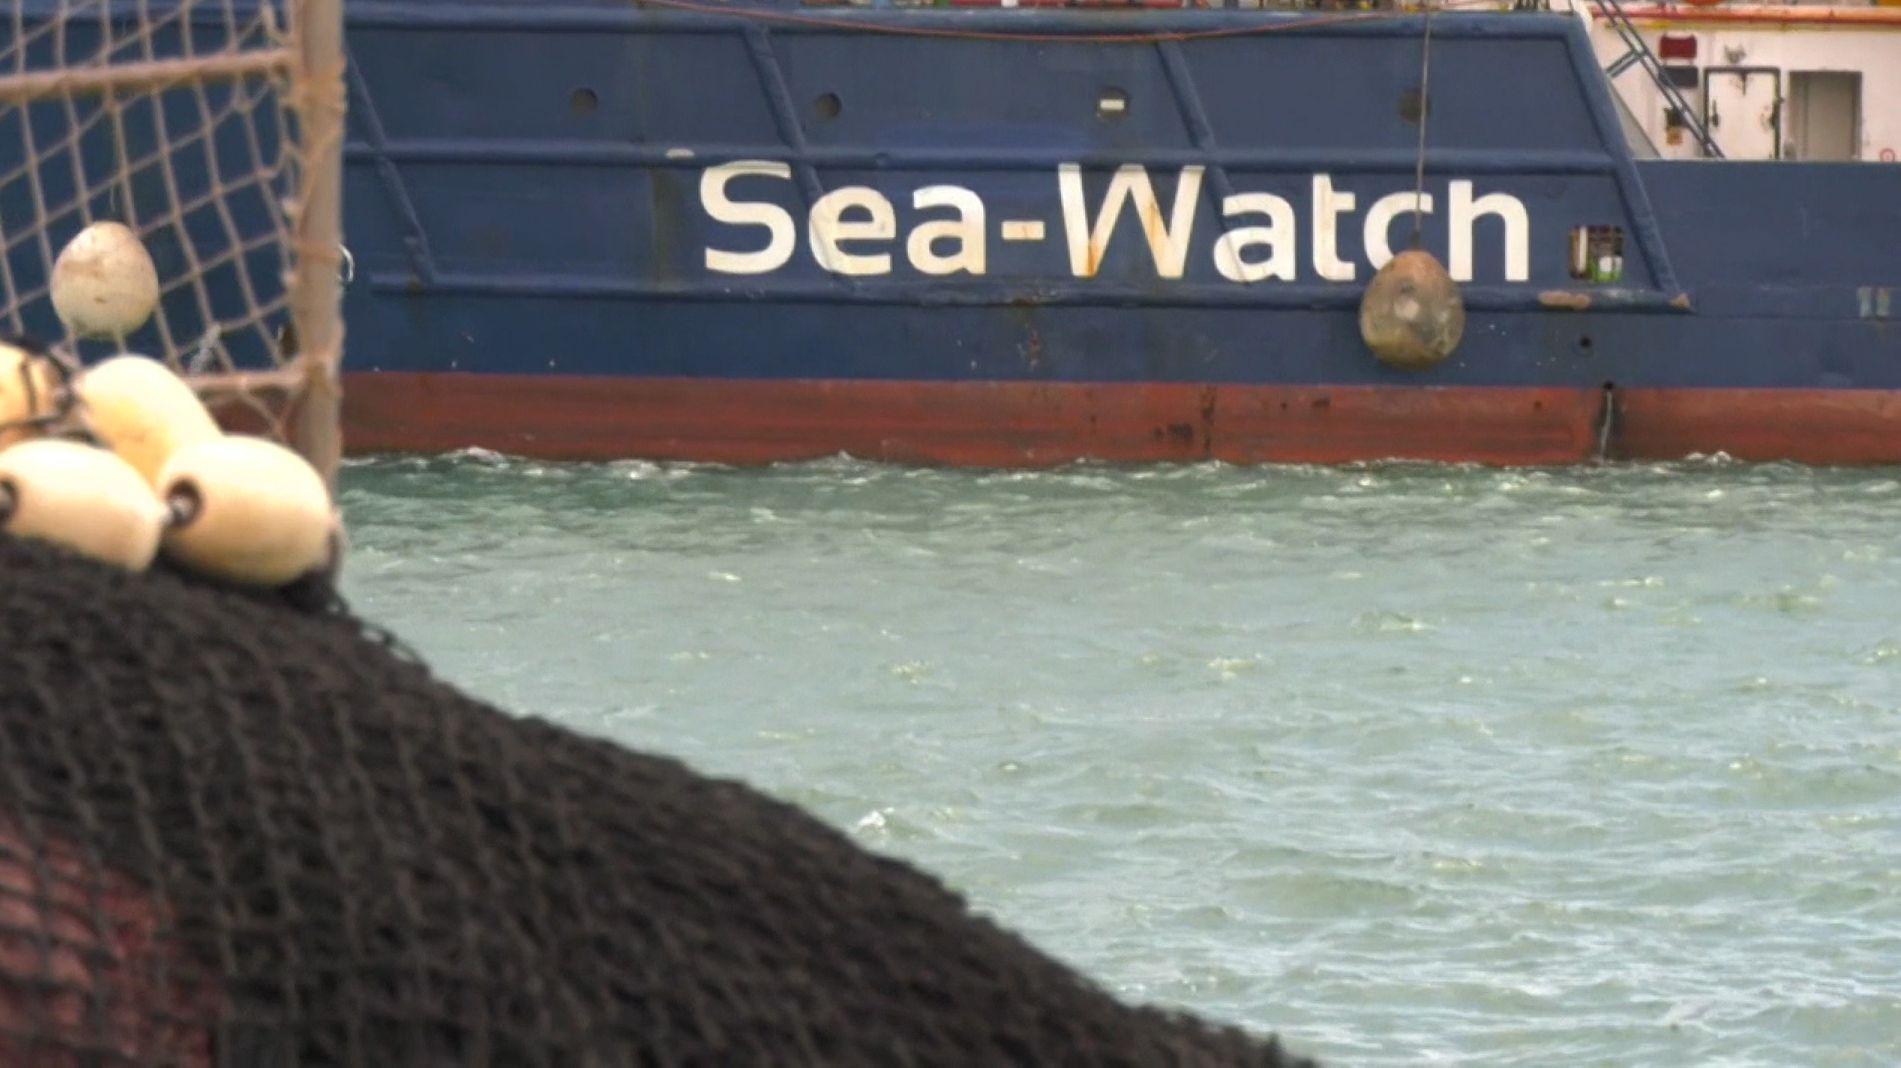 Teilaufnahme eines Schiffes mit der Aufschrift Sea-Watch